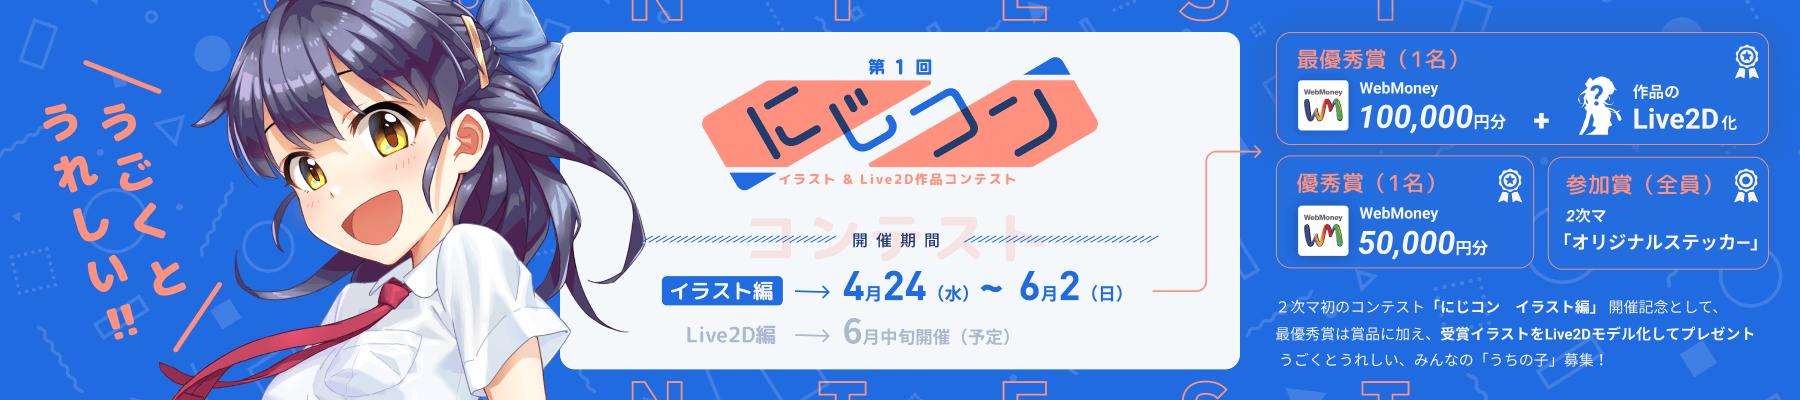 にじコン 第1回